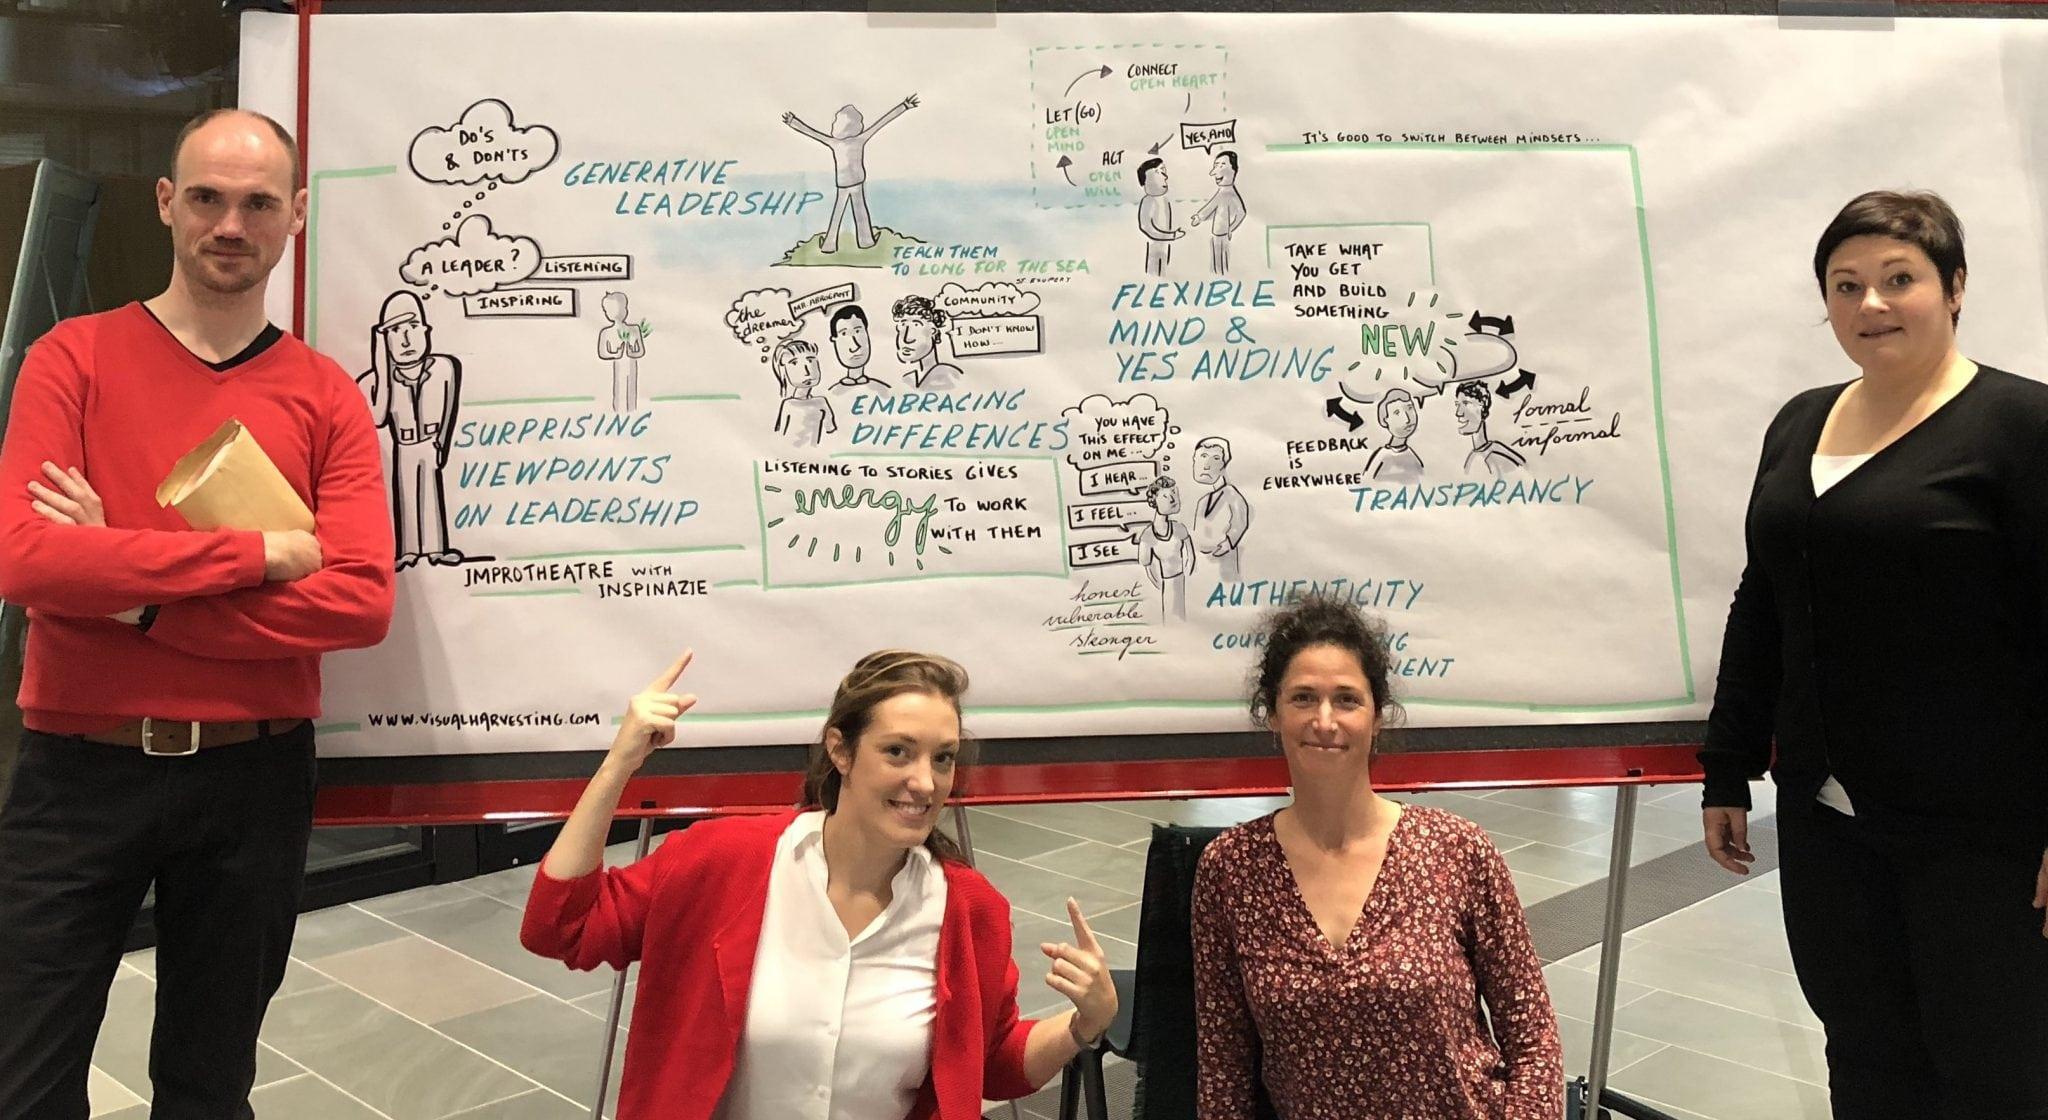 Visual Harvesting voorstelling leiderschap